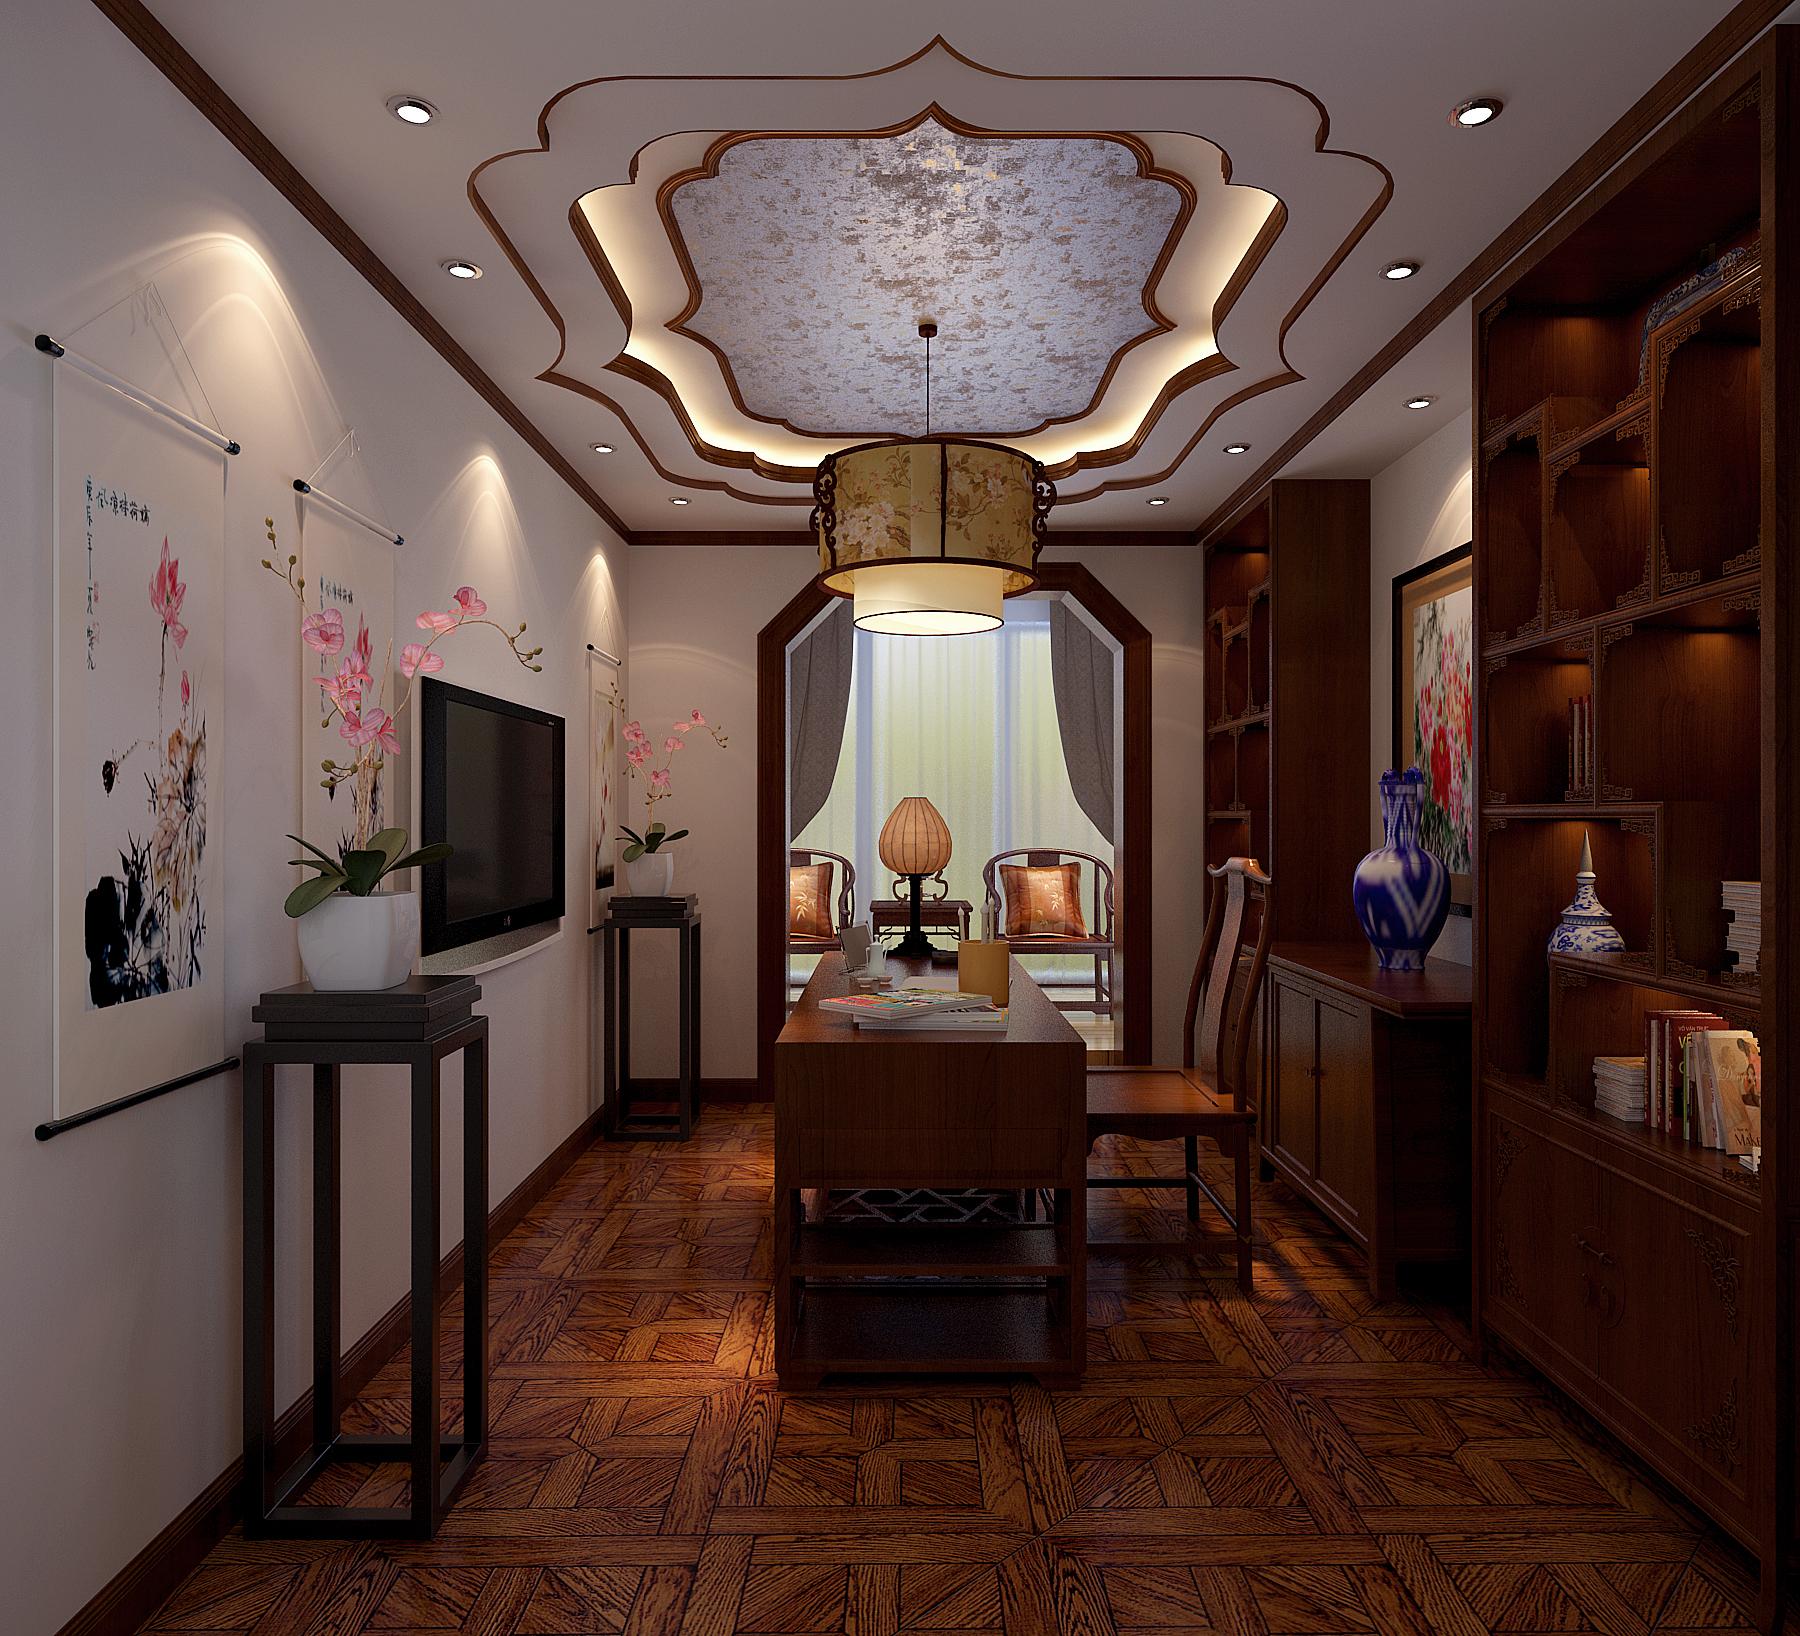 中式 四居 书房图片来自北京今朝装饰刘在V7西园中式文化生活的分享